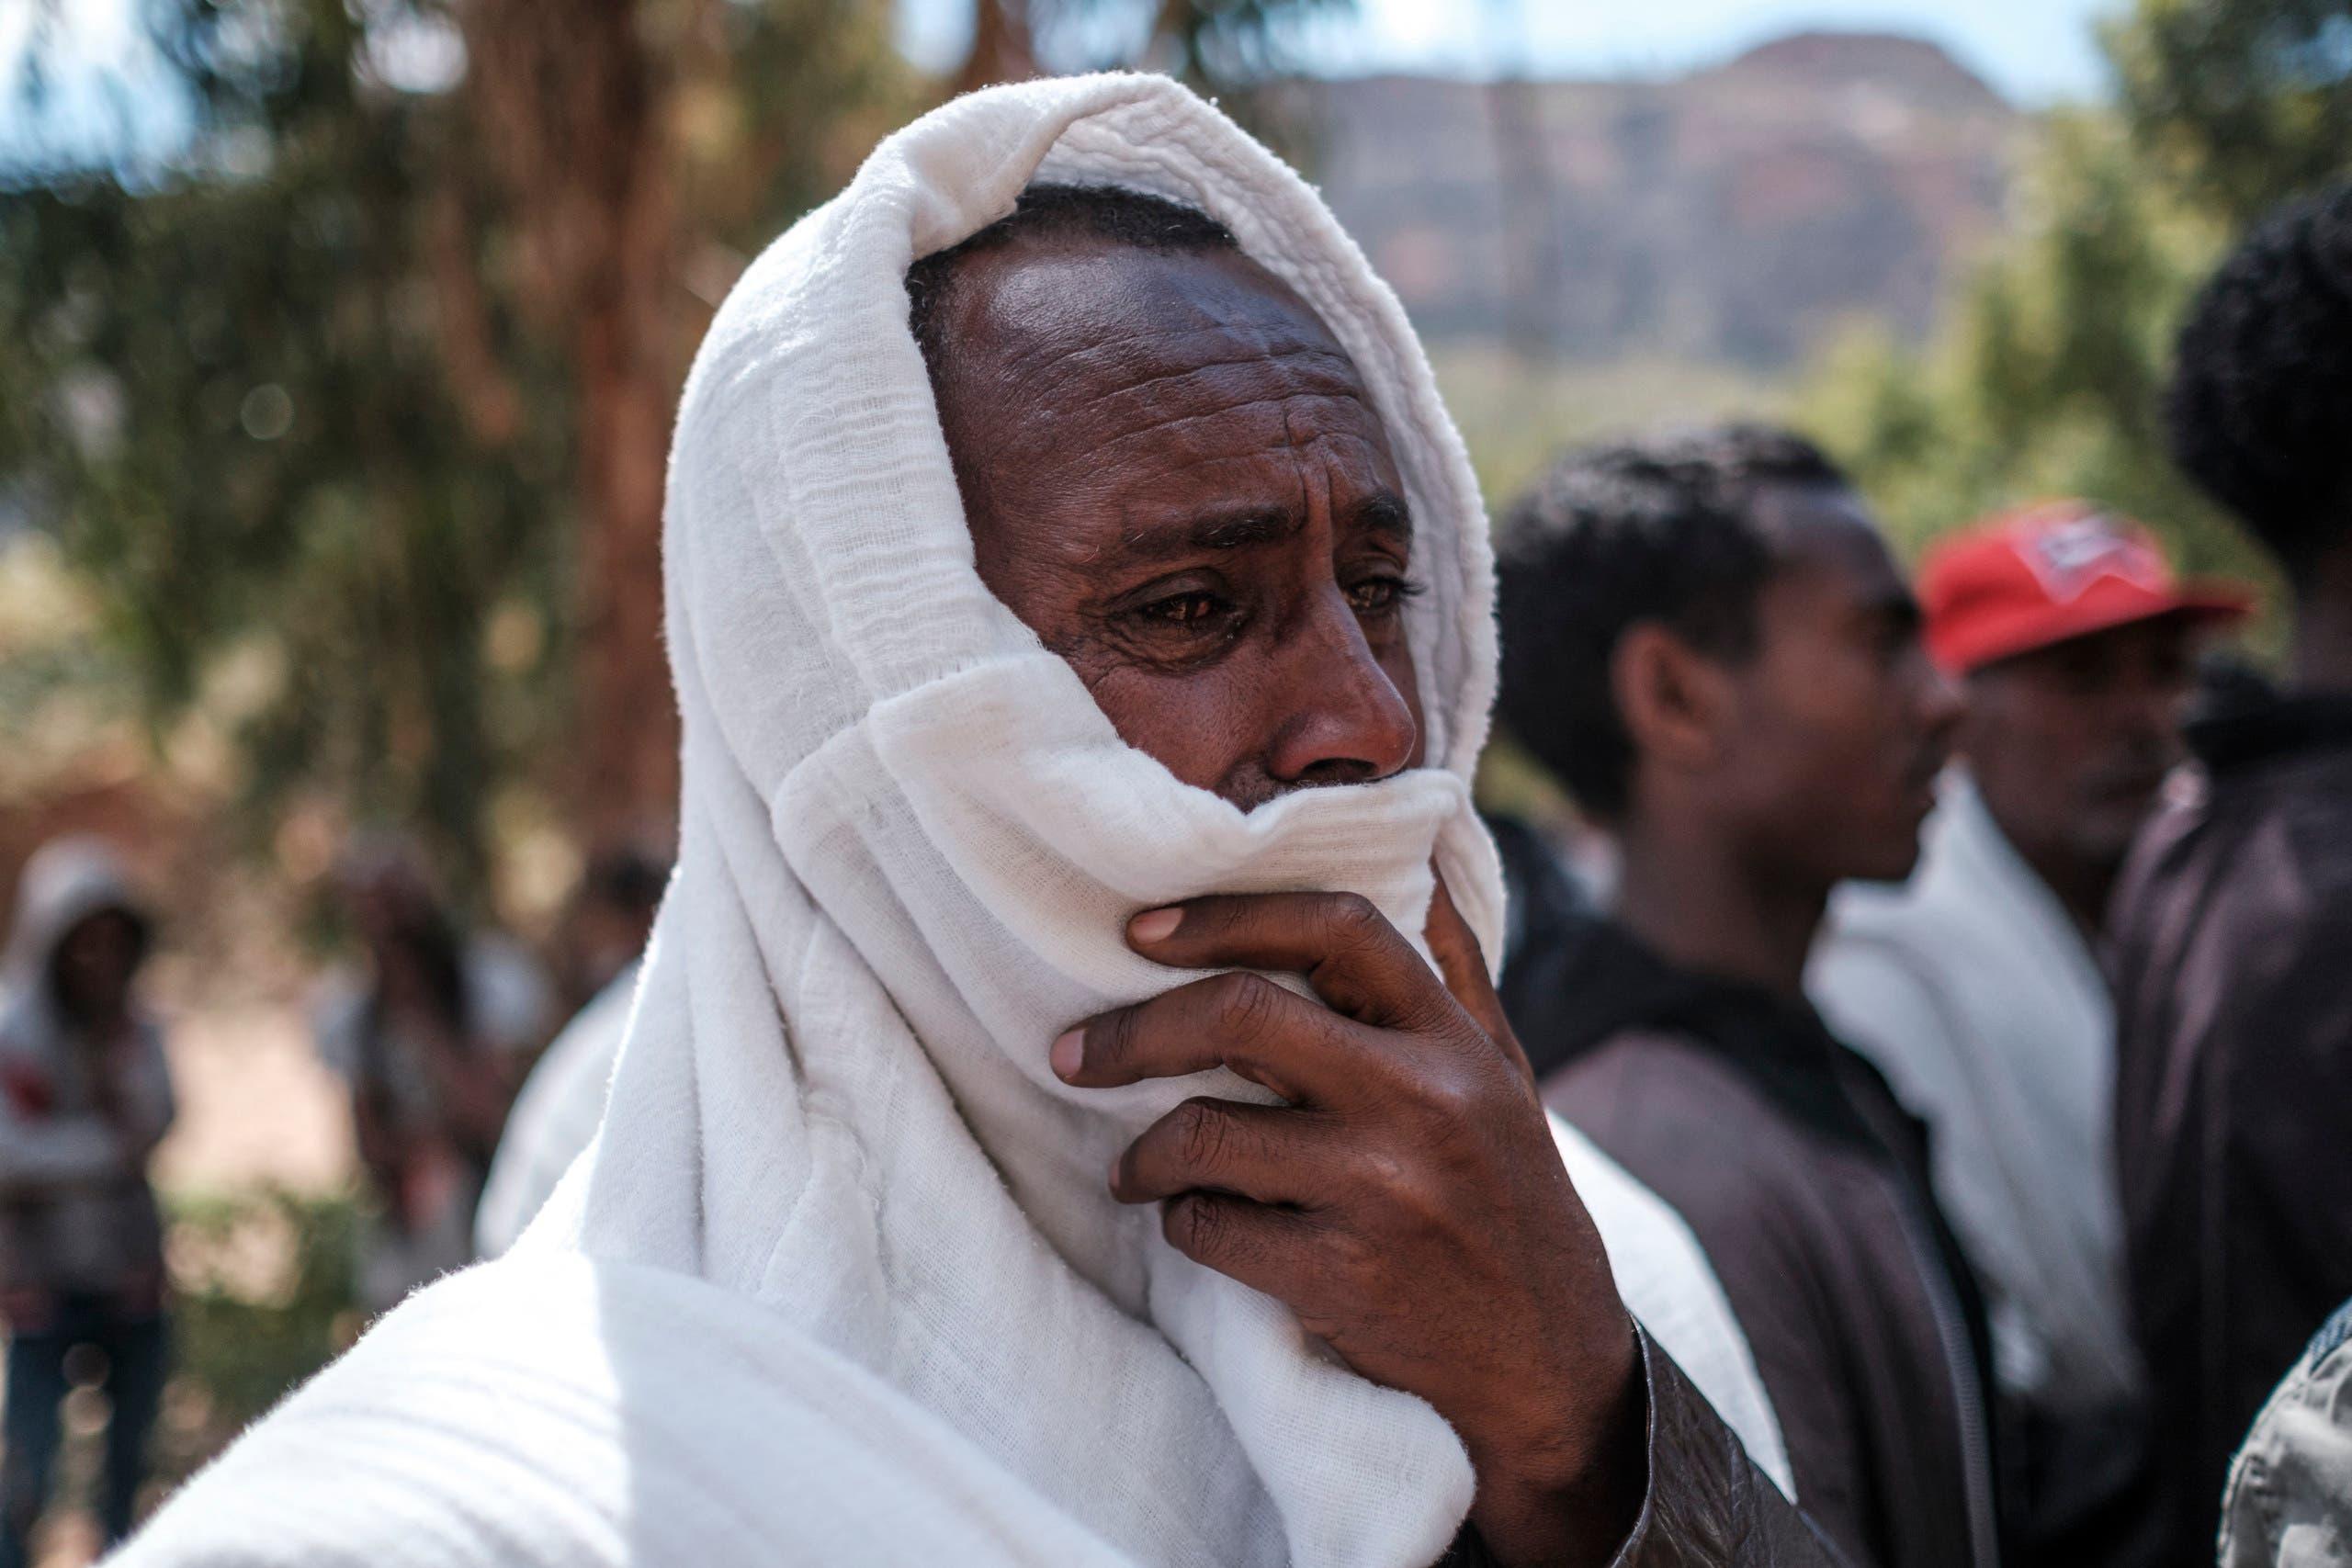 أحد سكان تيغراي يبكي بعد تشييع أحد الضحايا (أرشيفية- فرانس برس)